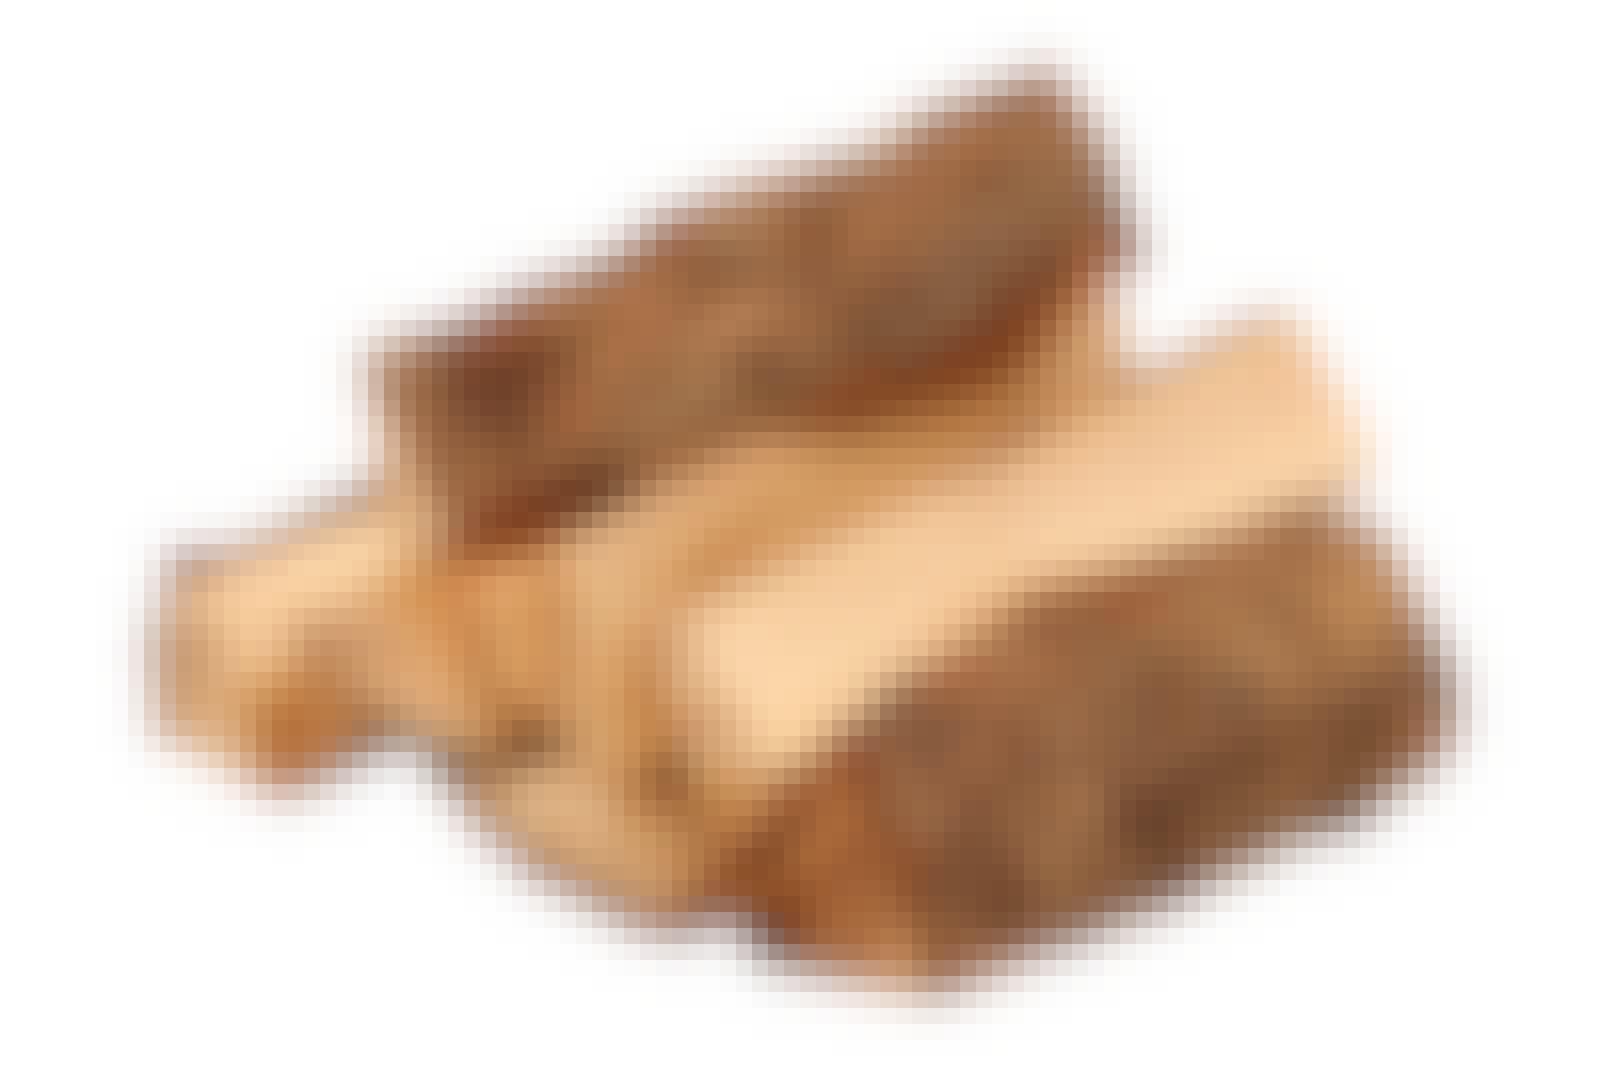 Ved til bål: Furu er godt egnet som ved til bålet.